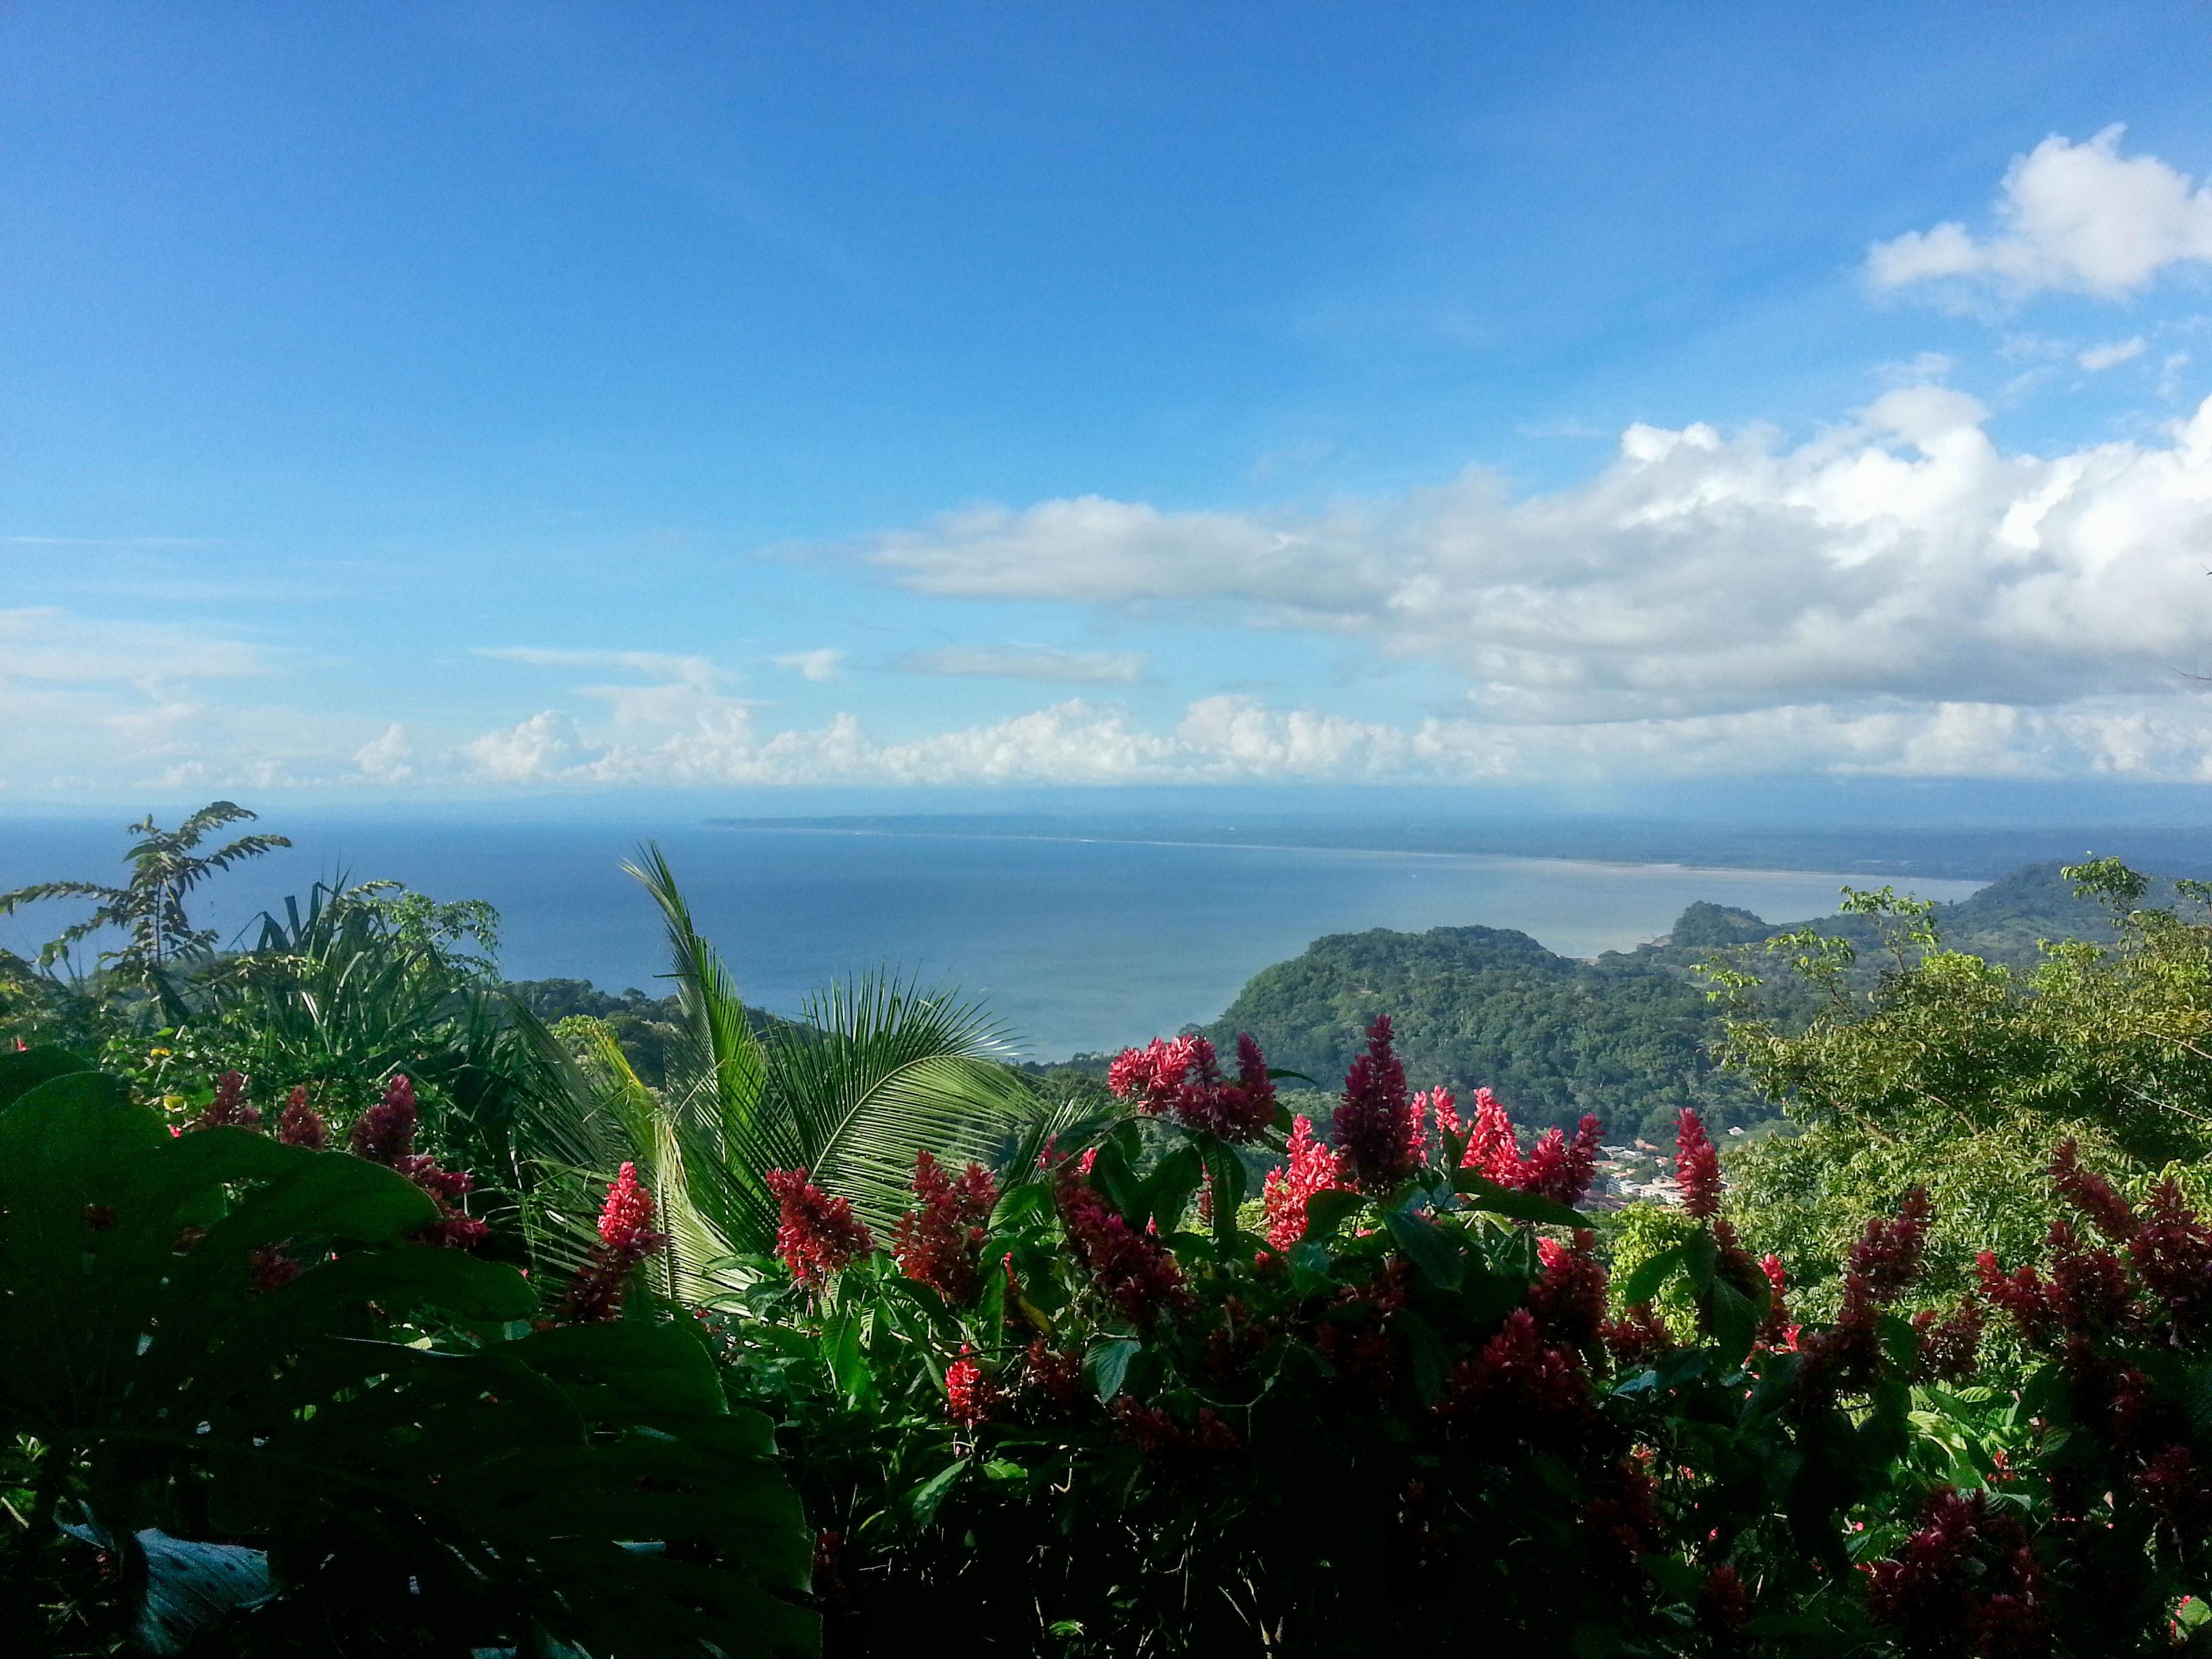 jaco; Villa Caletas Hotel; Hotel Villa Caletas, Central Pacific, Costa Rica